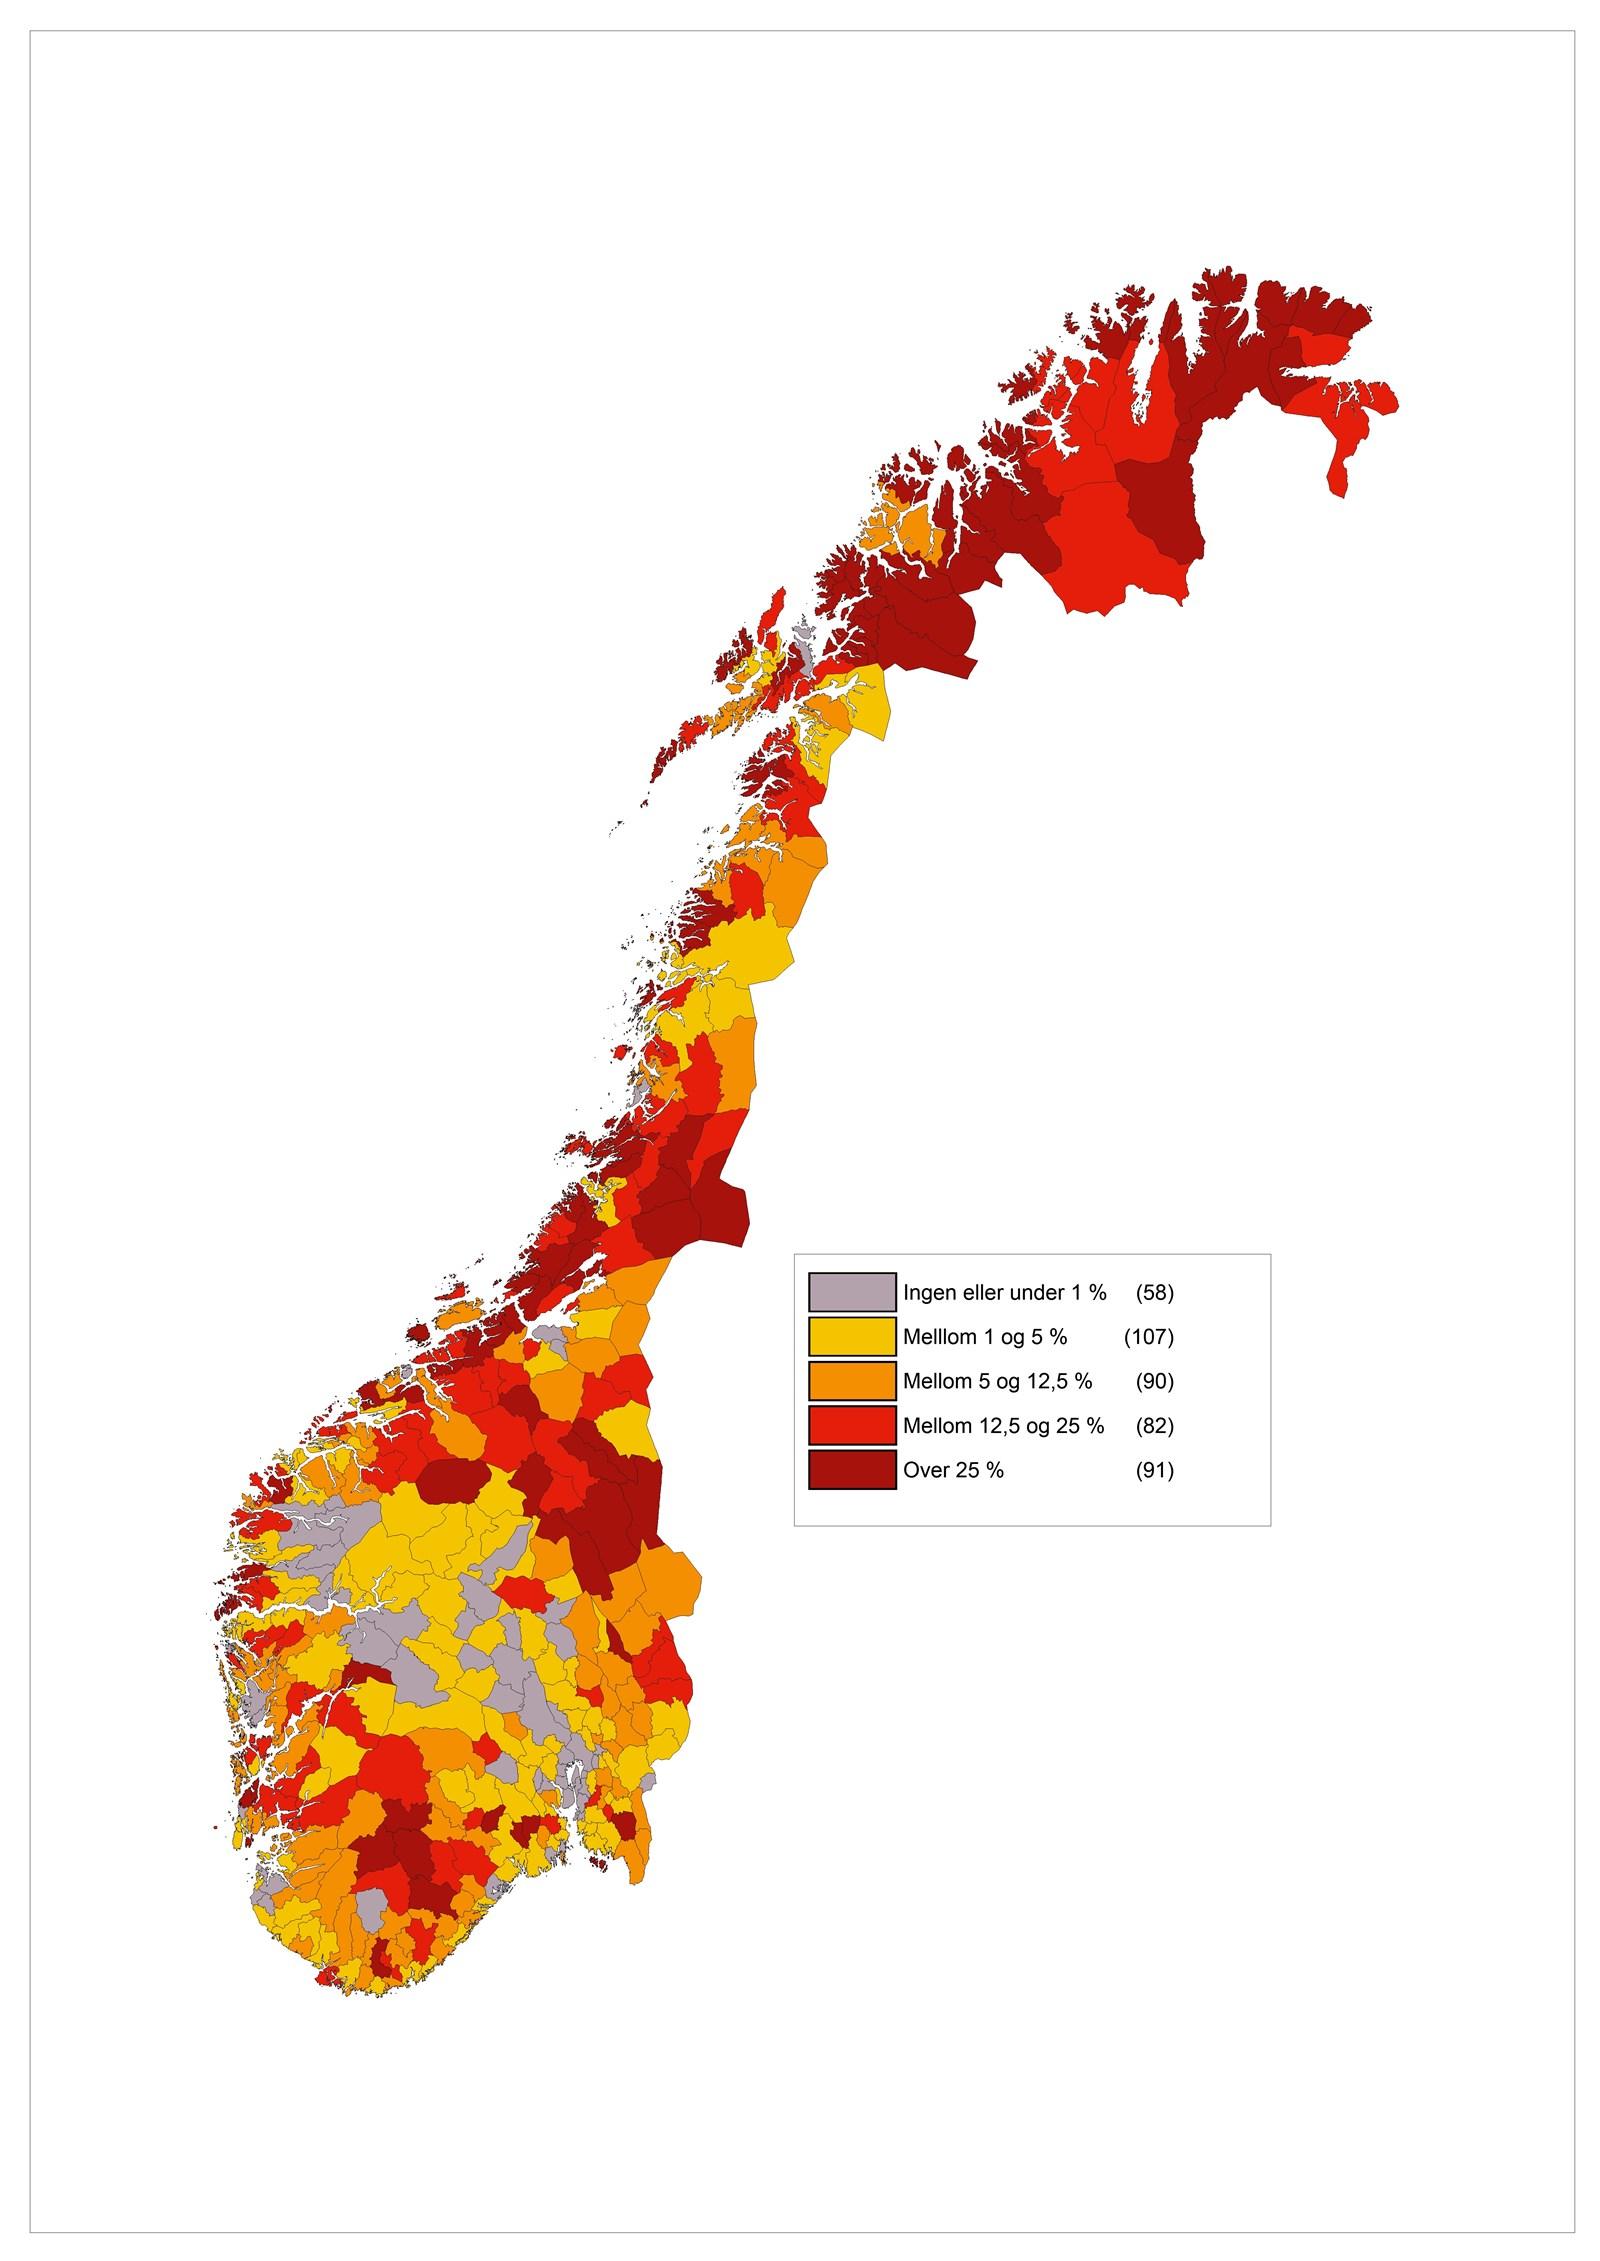 geografisk kart norge Regionale utviklingstrekk 2014   regjeringen.no geografisk kart norge